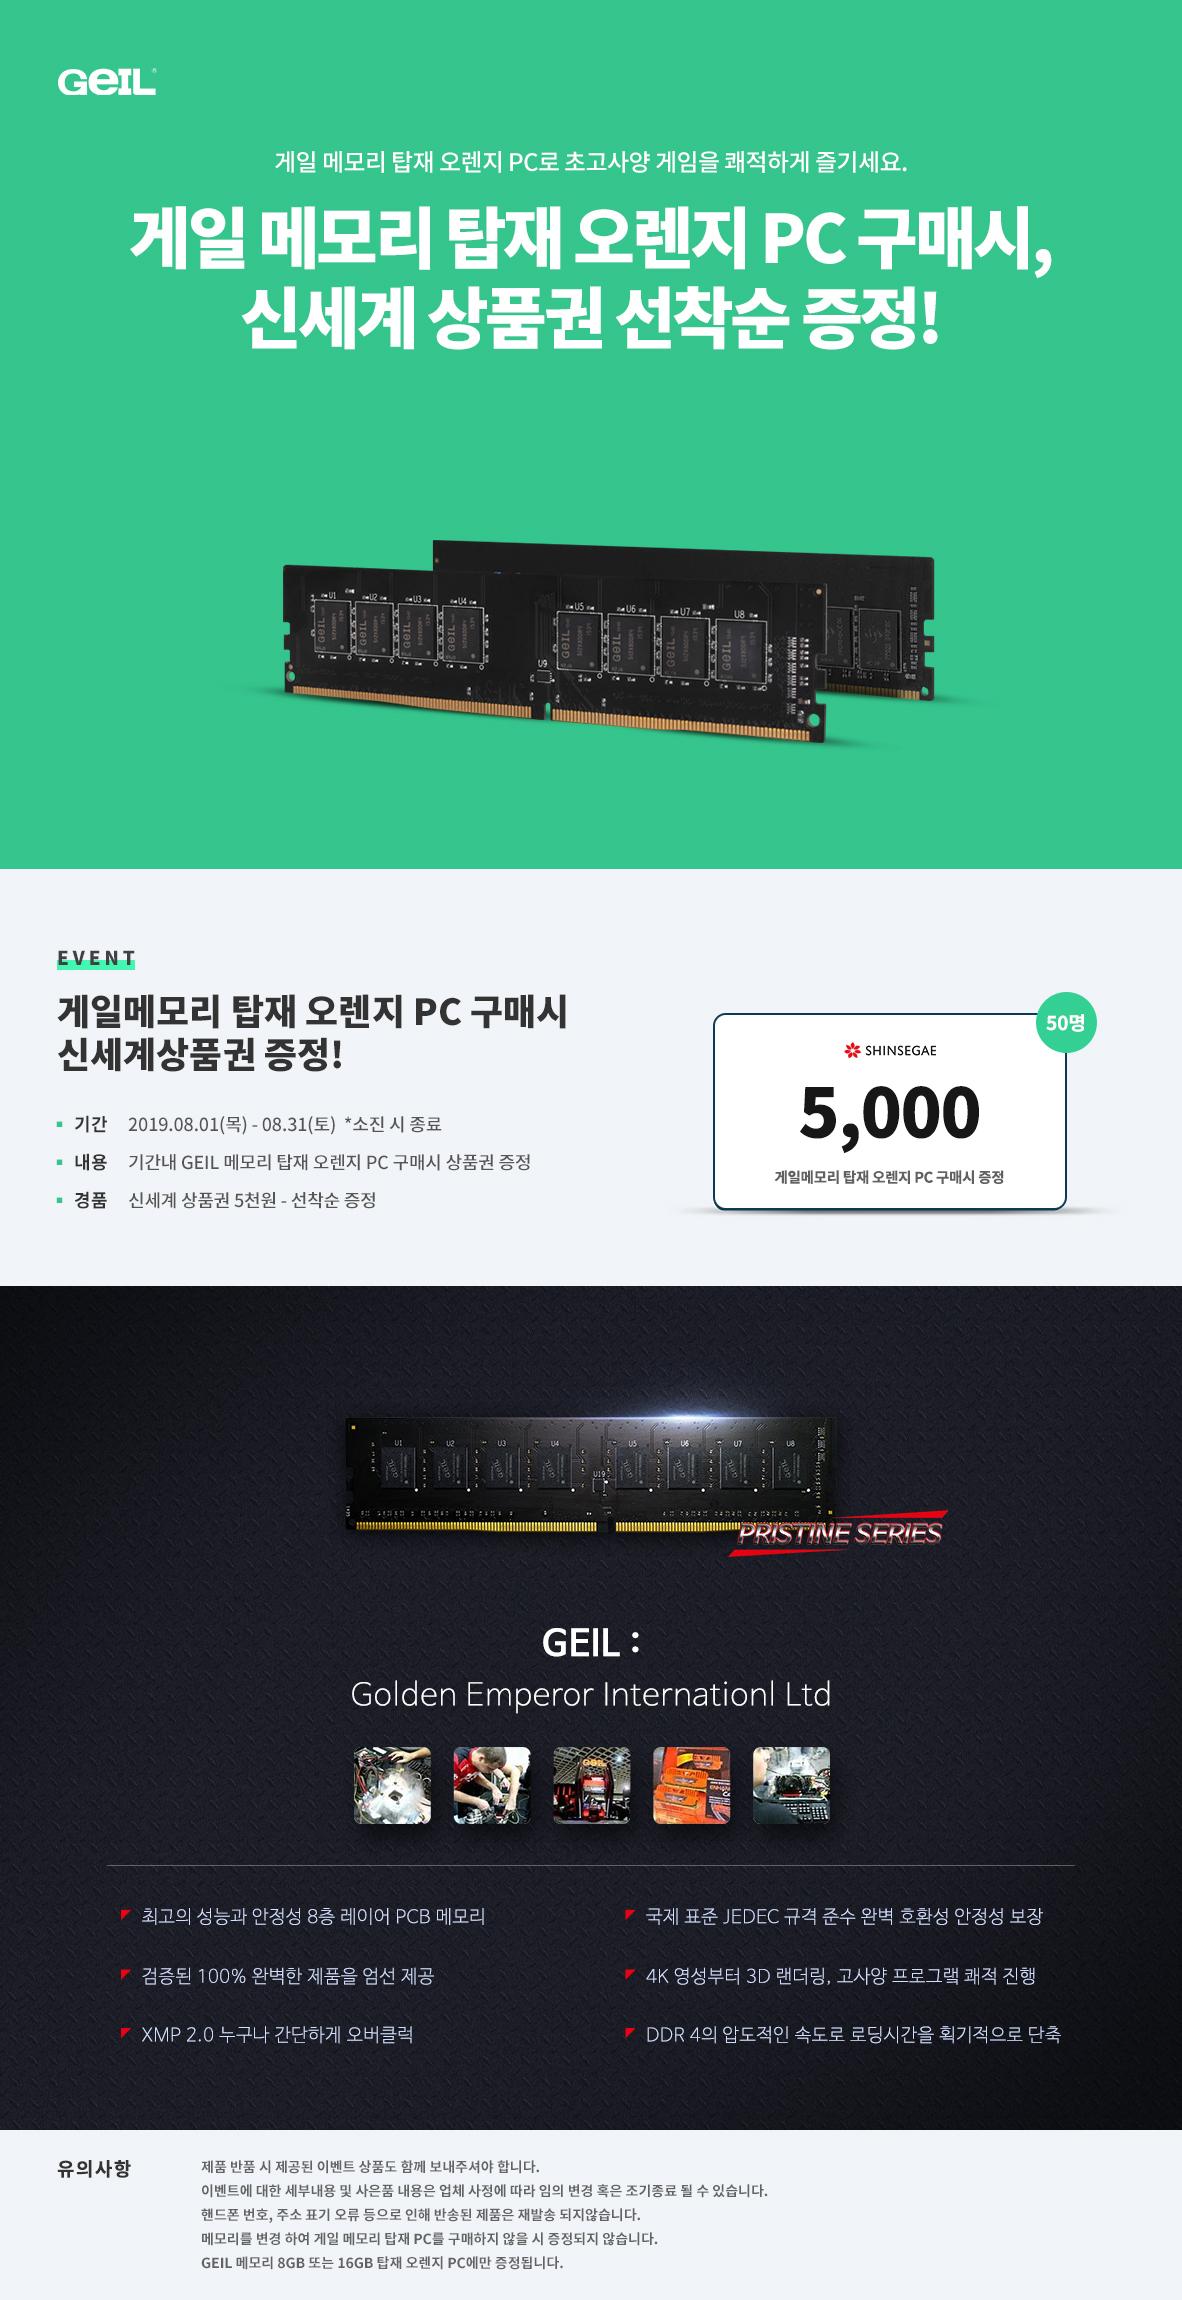 GEIL 프리스틴 메모리 탑재 오렌지PC 구매 시 신세계 상품권 1:1 증정 이벤트!